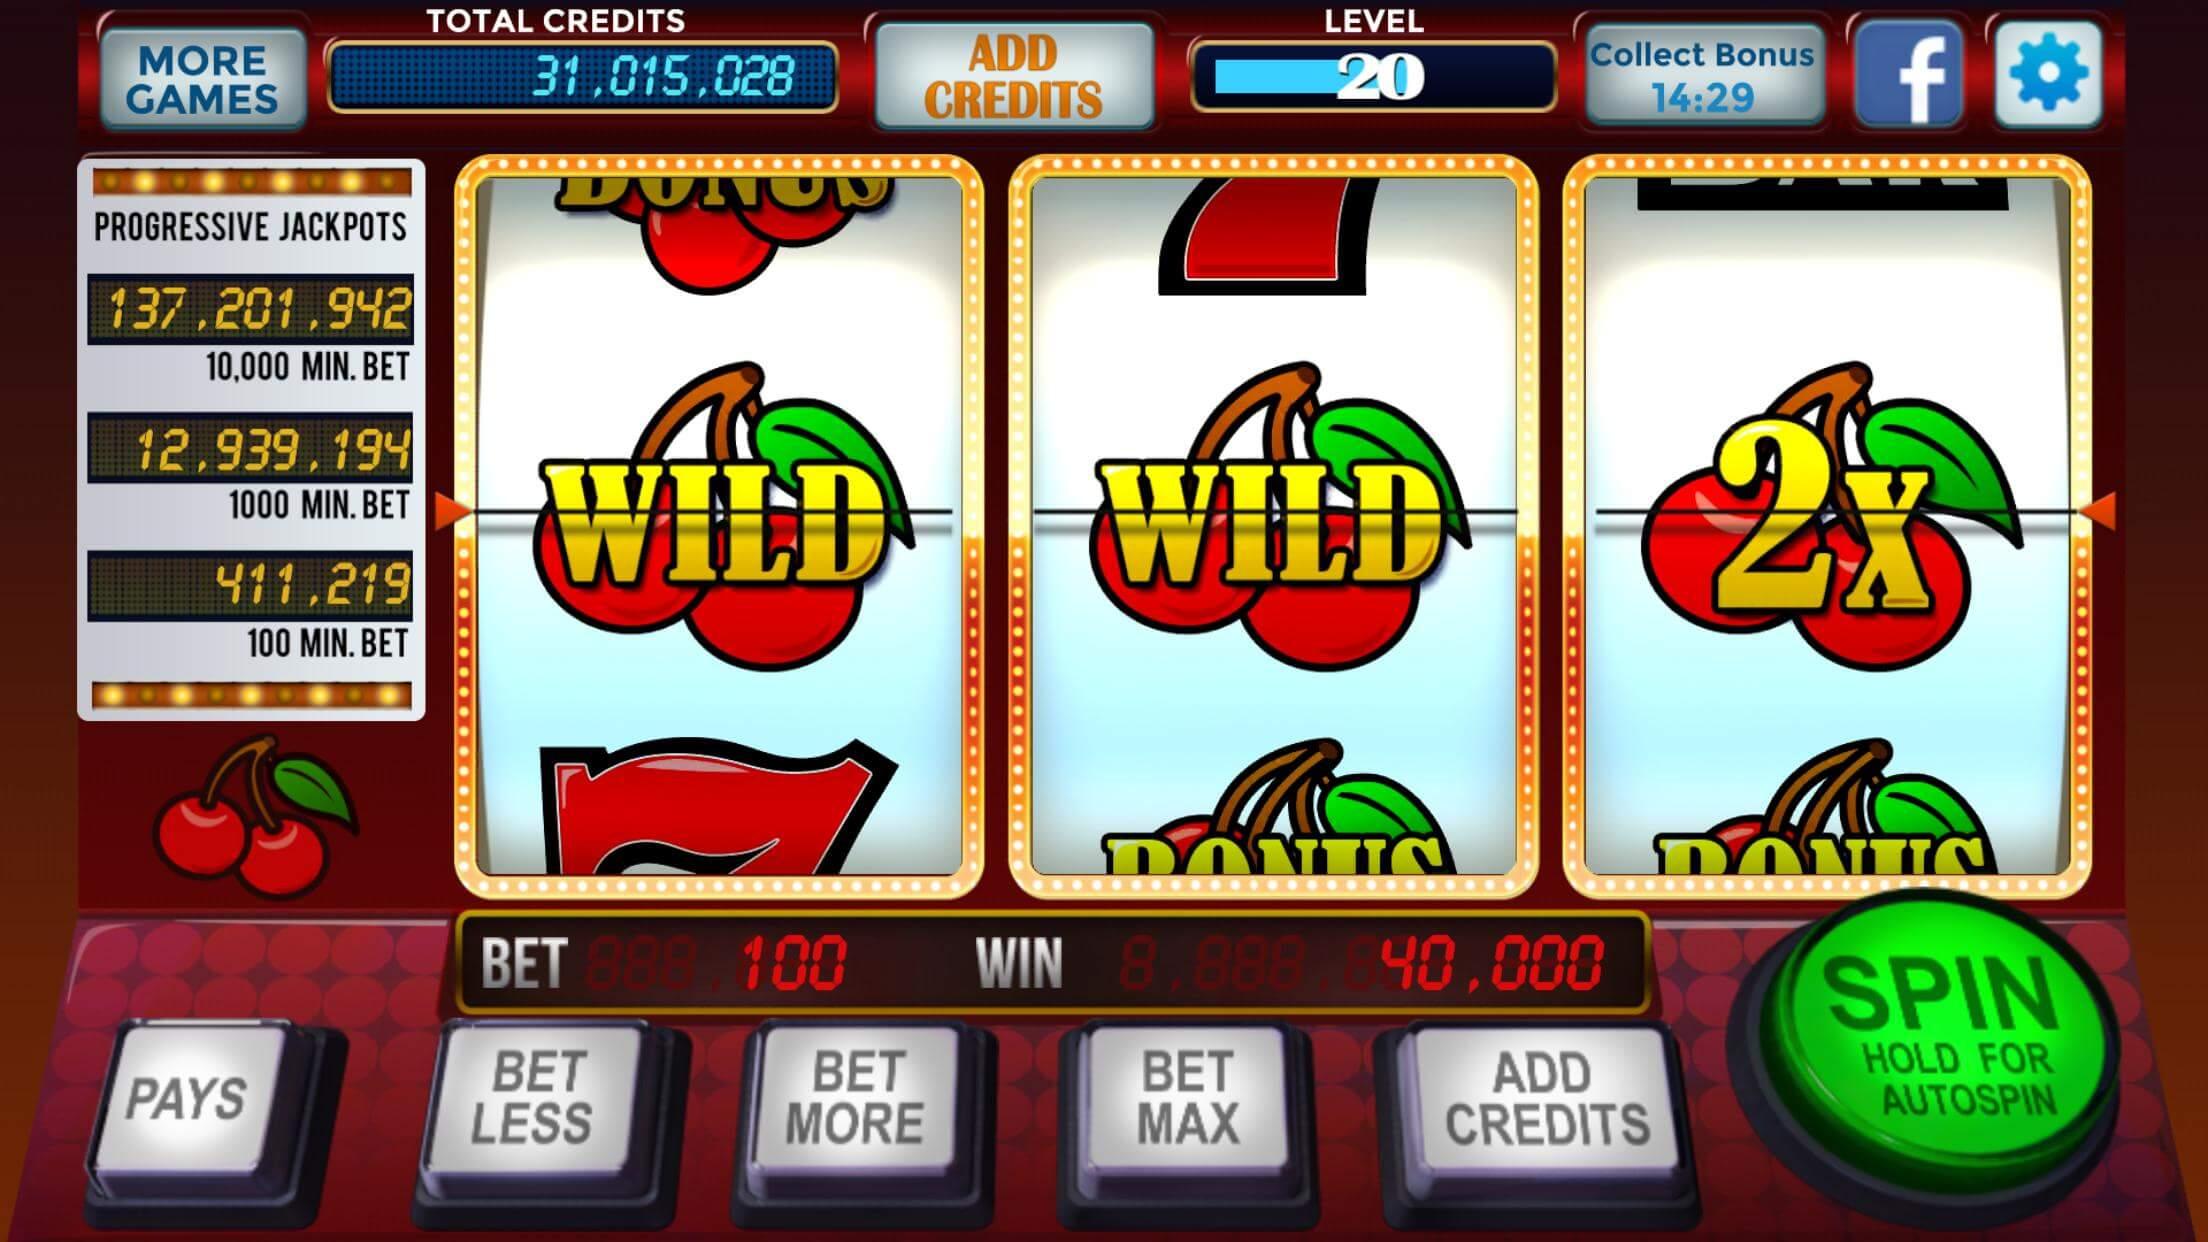 777 casino slot machine – the classic hazardous entertainment for connoisseur of slots